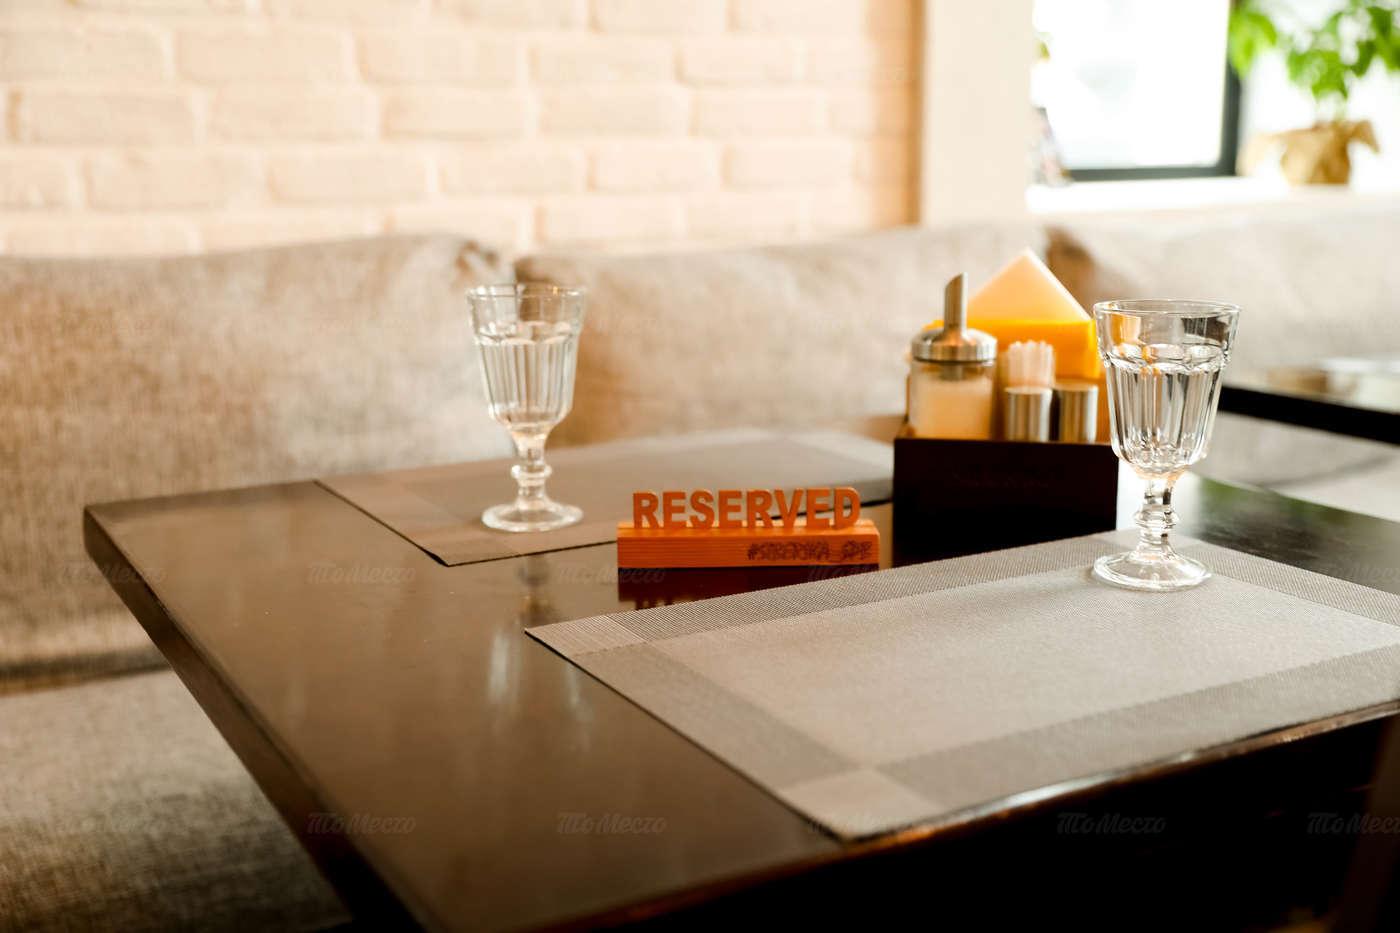 Кафе Сиберика (Siberika) на набережной Лейтенанта Шмидта фото 9